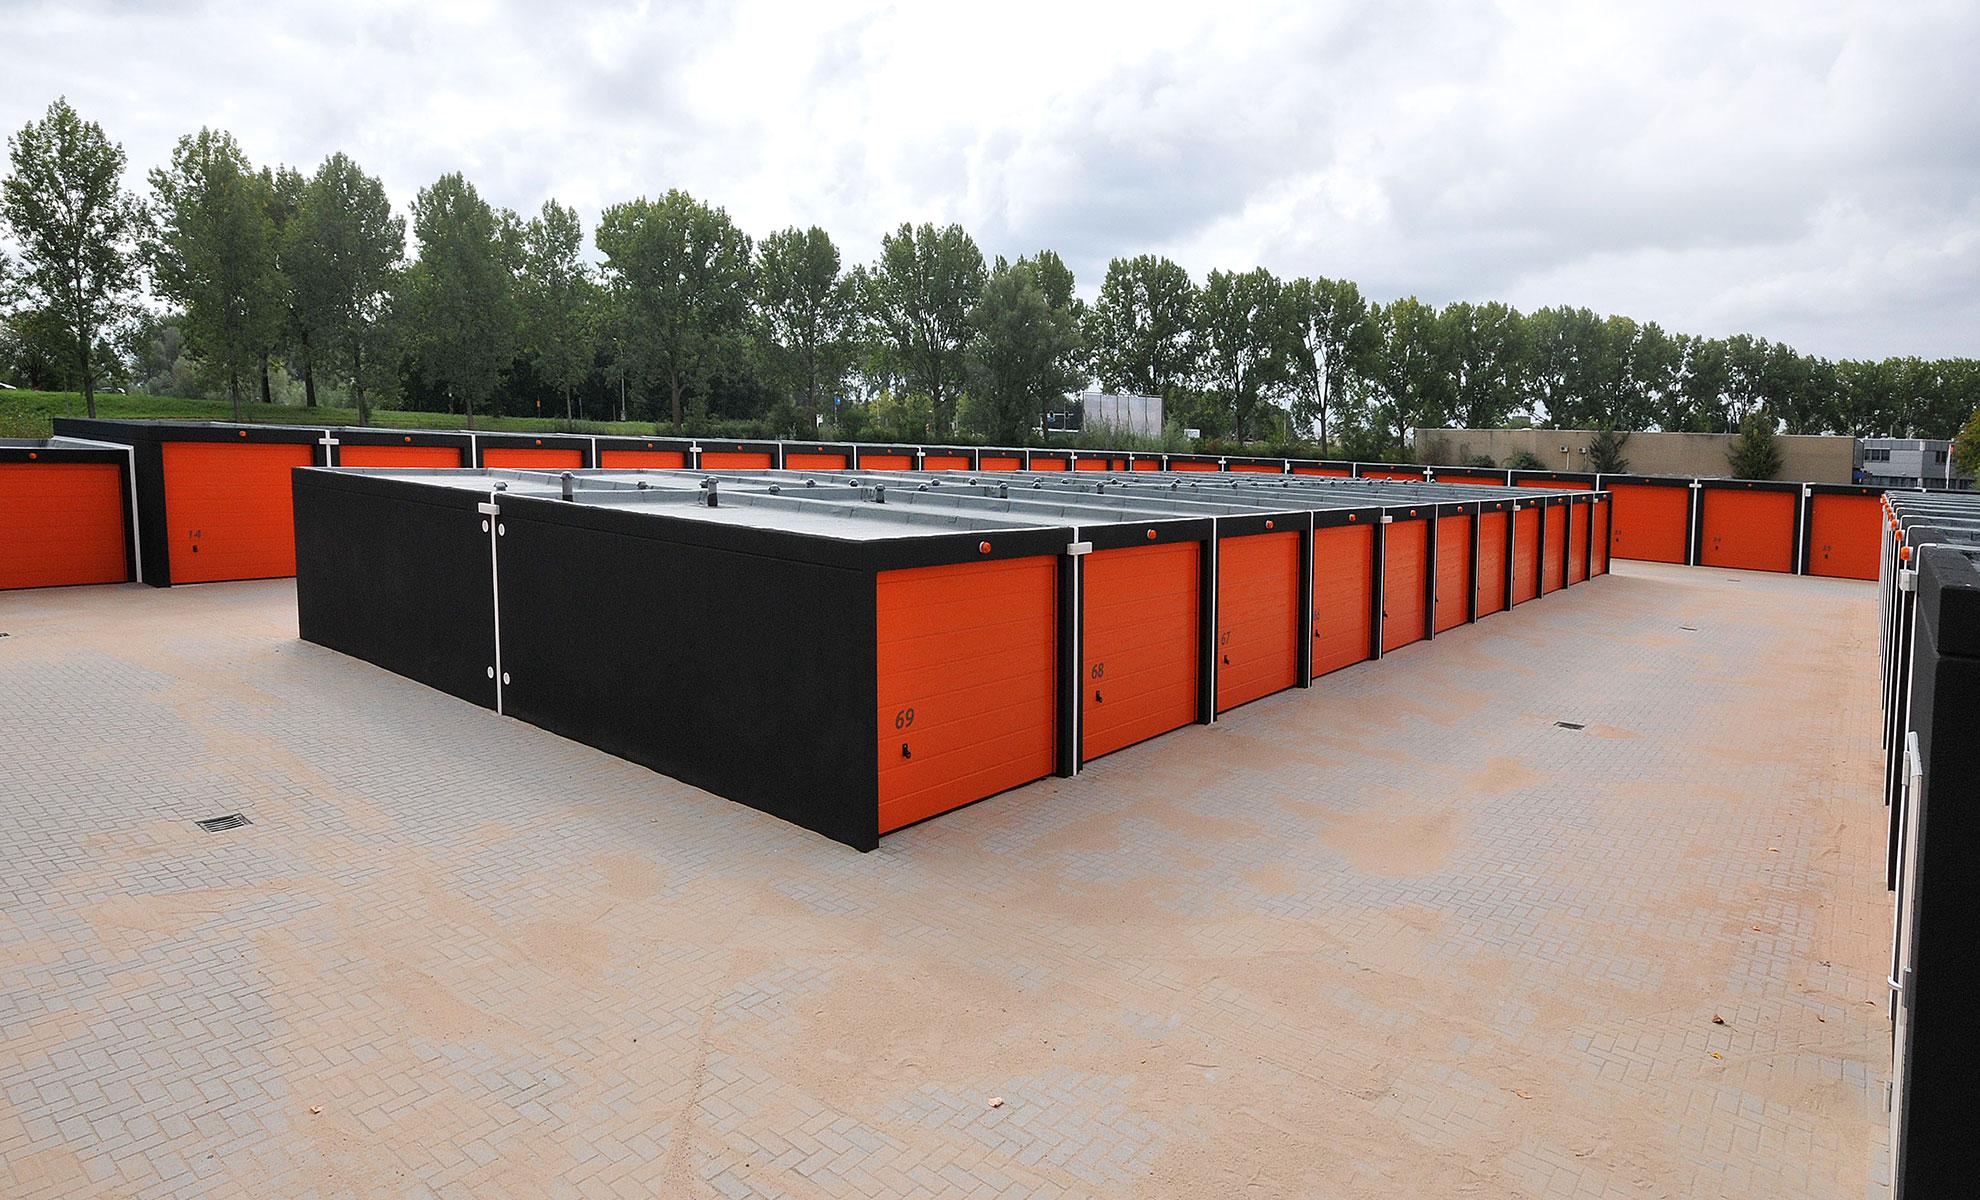 Garageplein Arnhem - Box overzicht